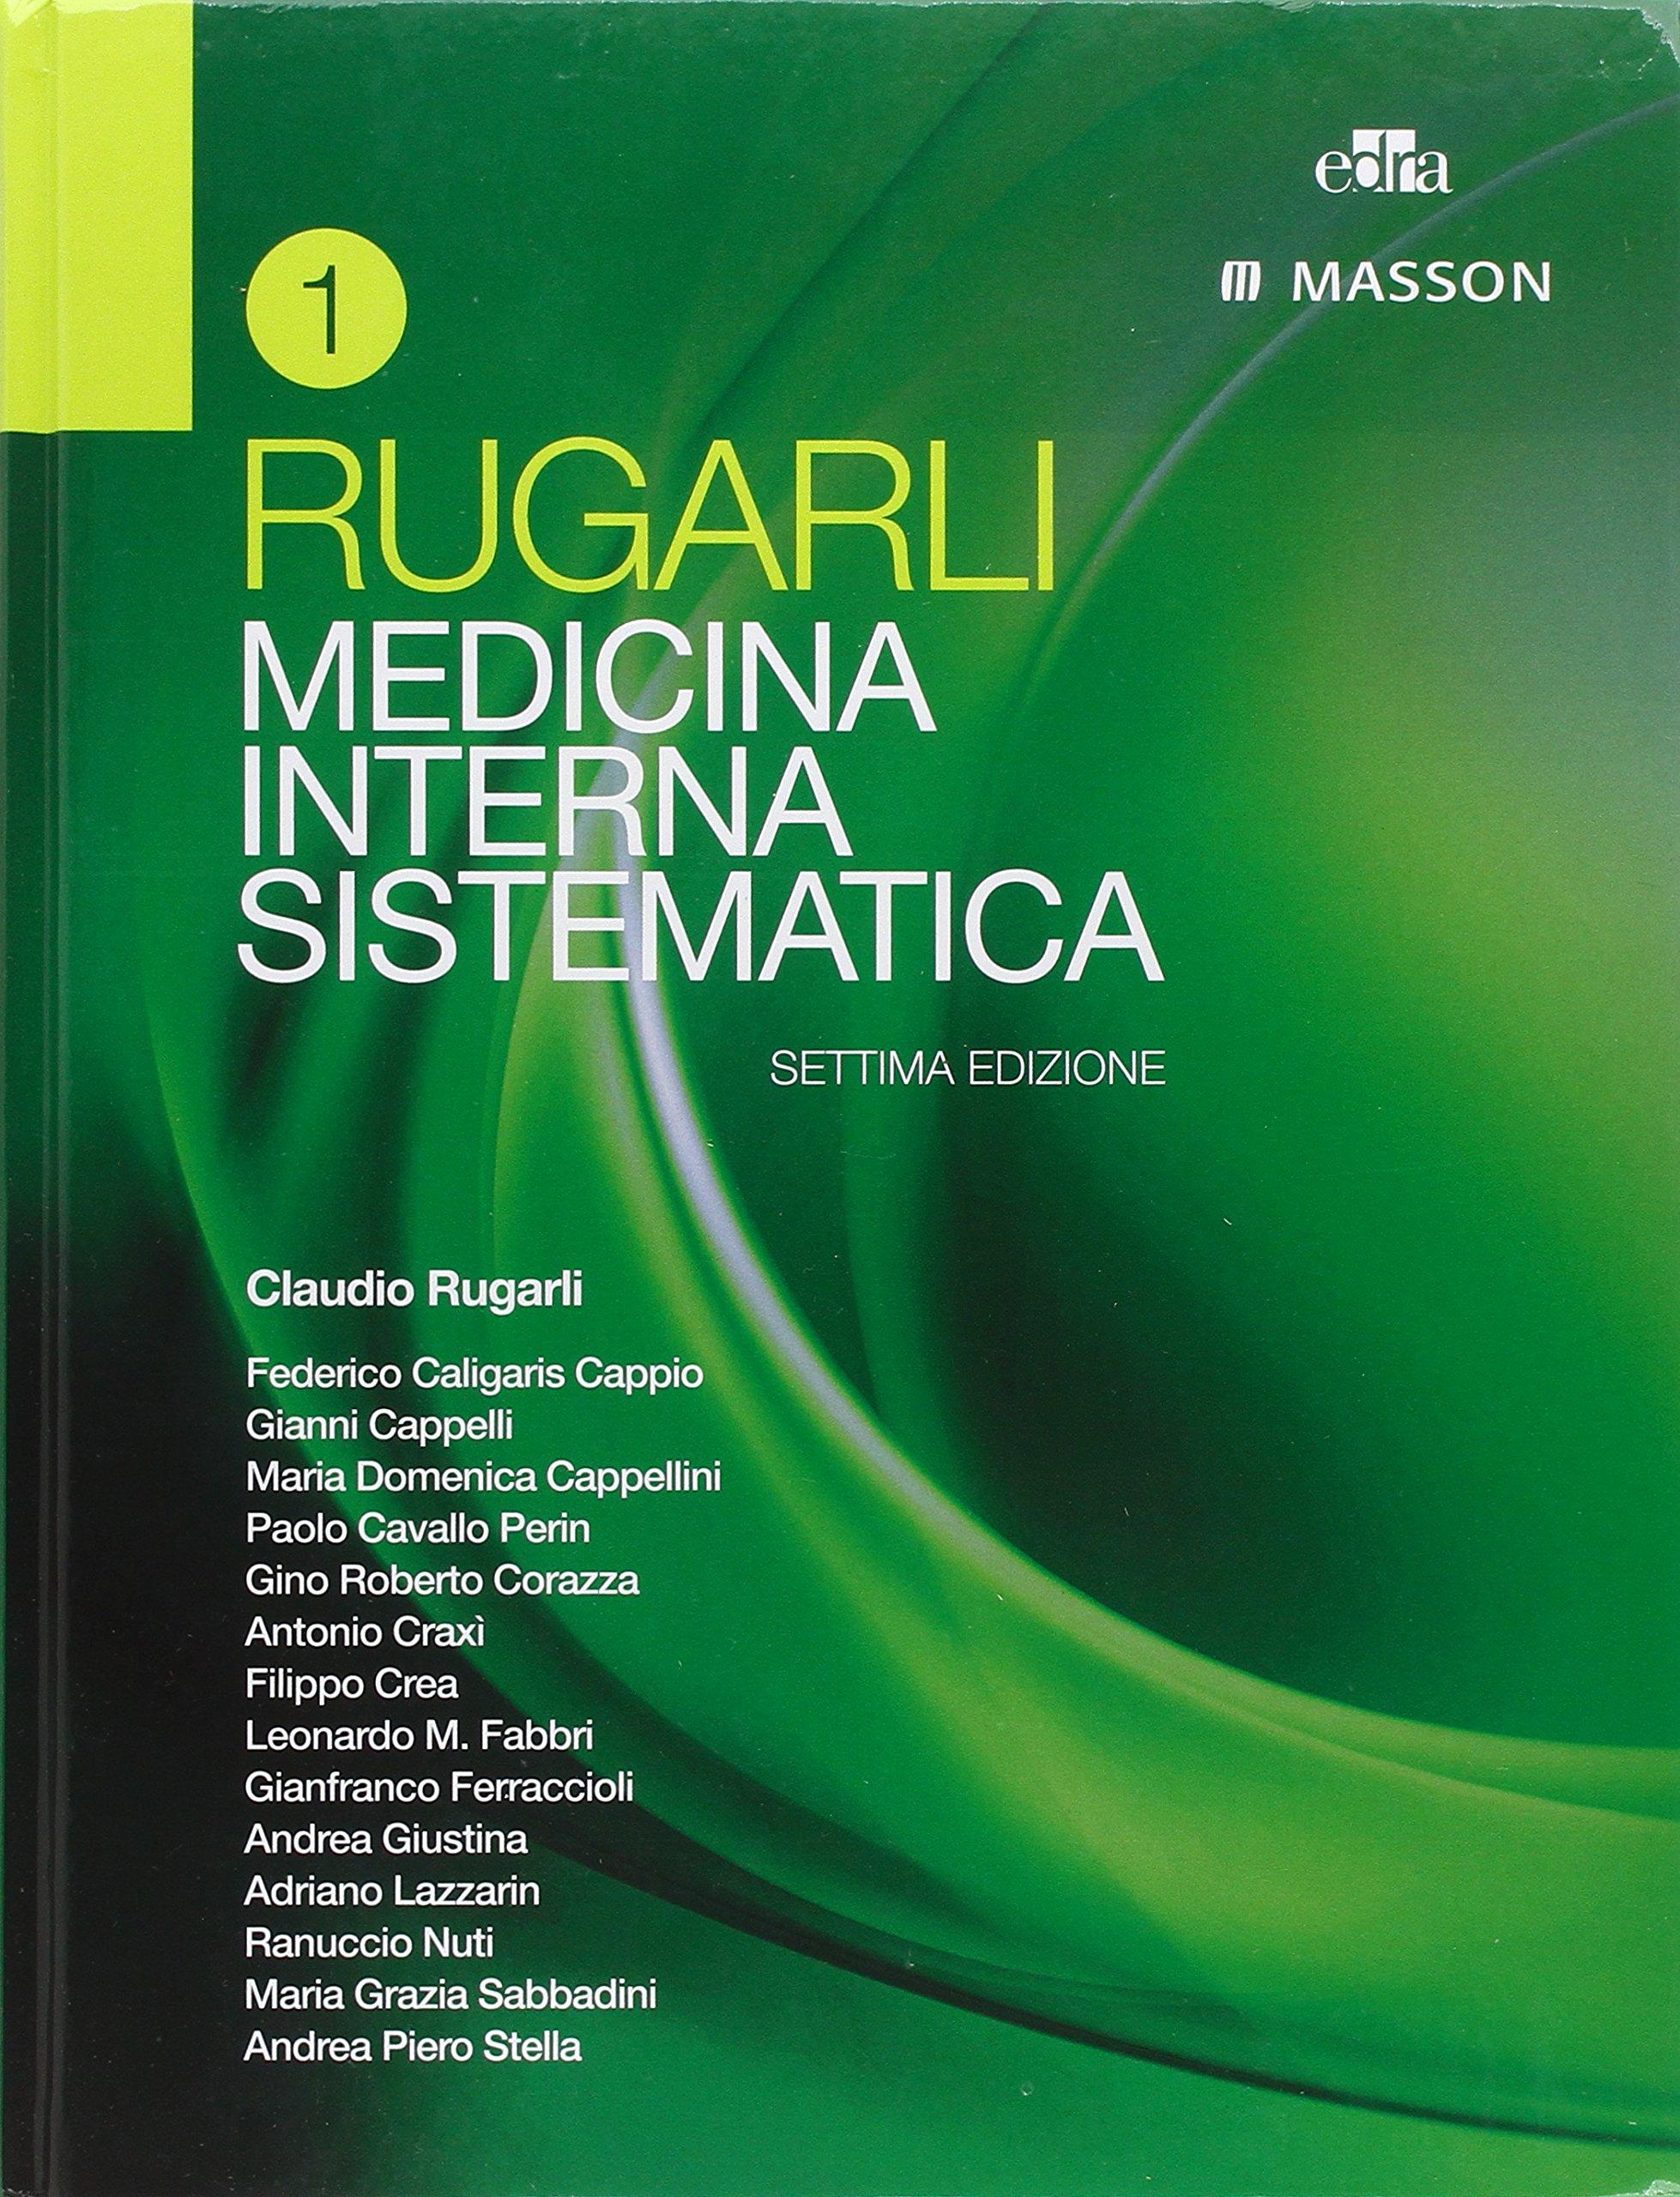 rugarli medicina interna 6 edizione